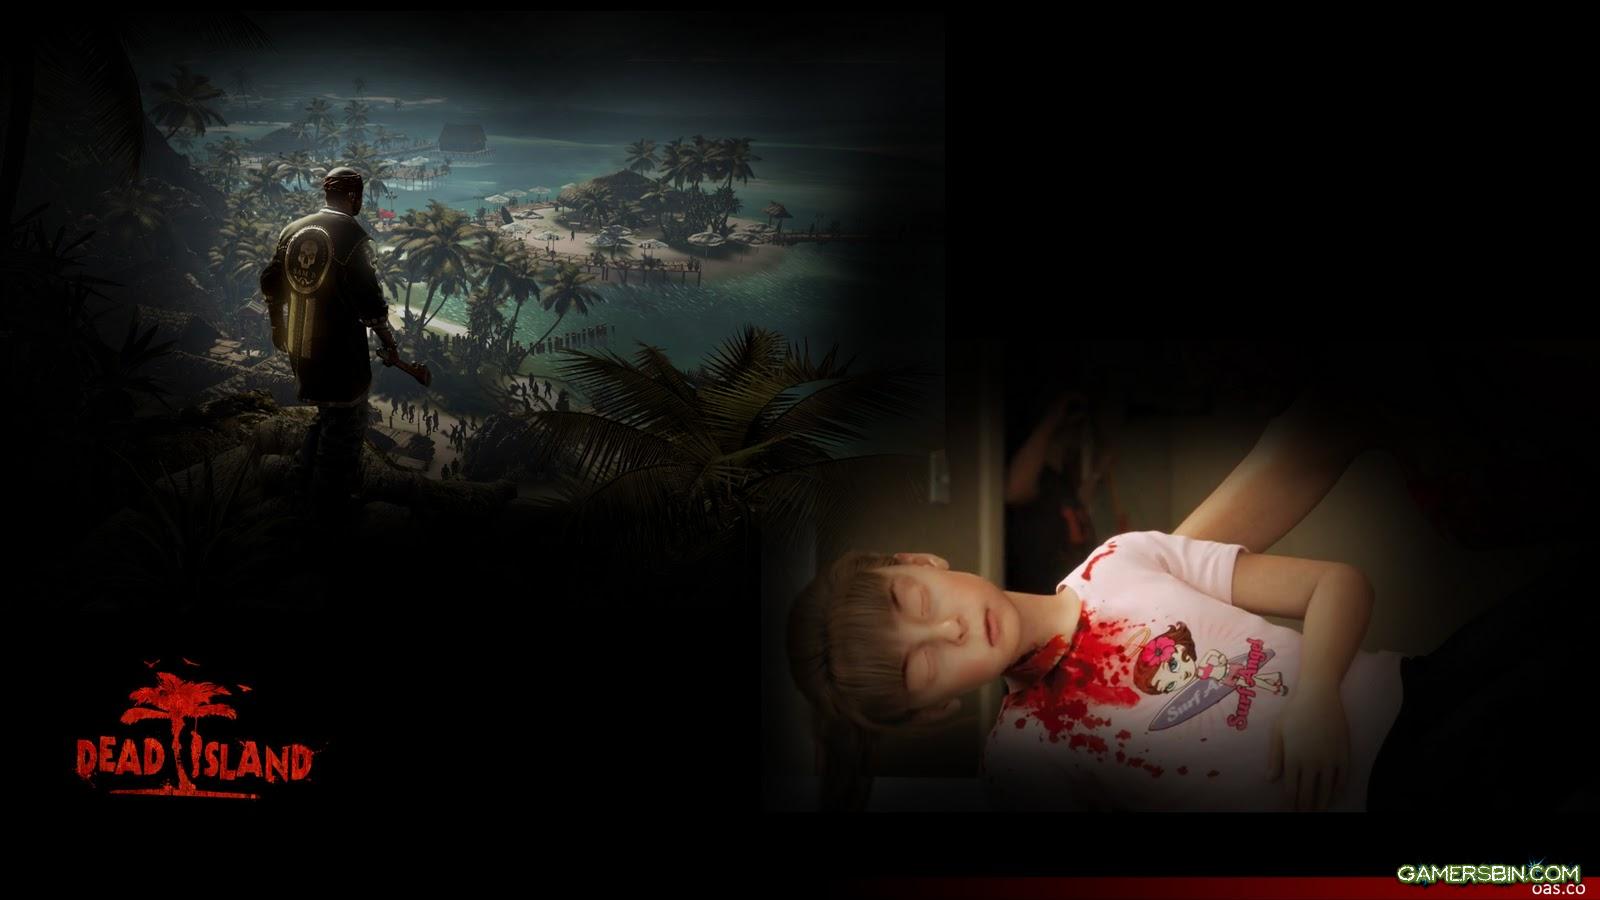 dead island wallpaper game screenshot